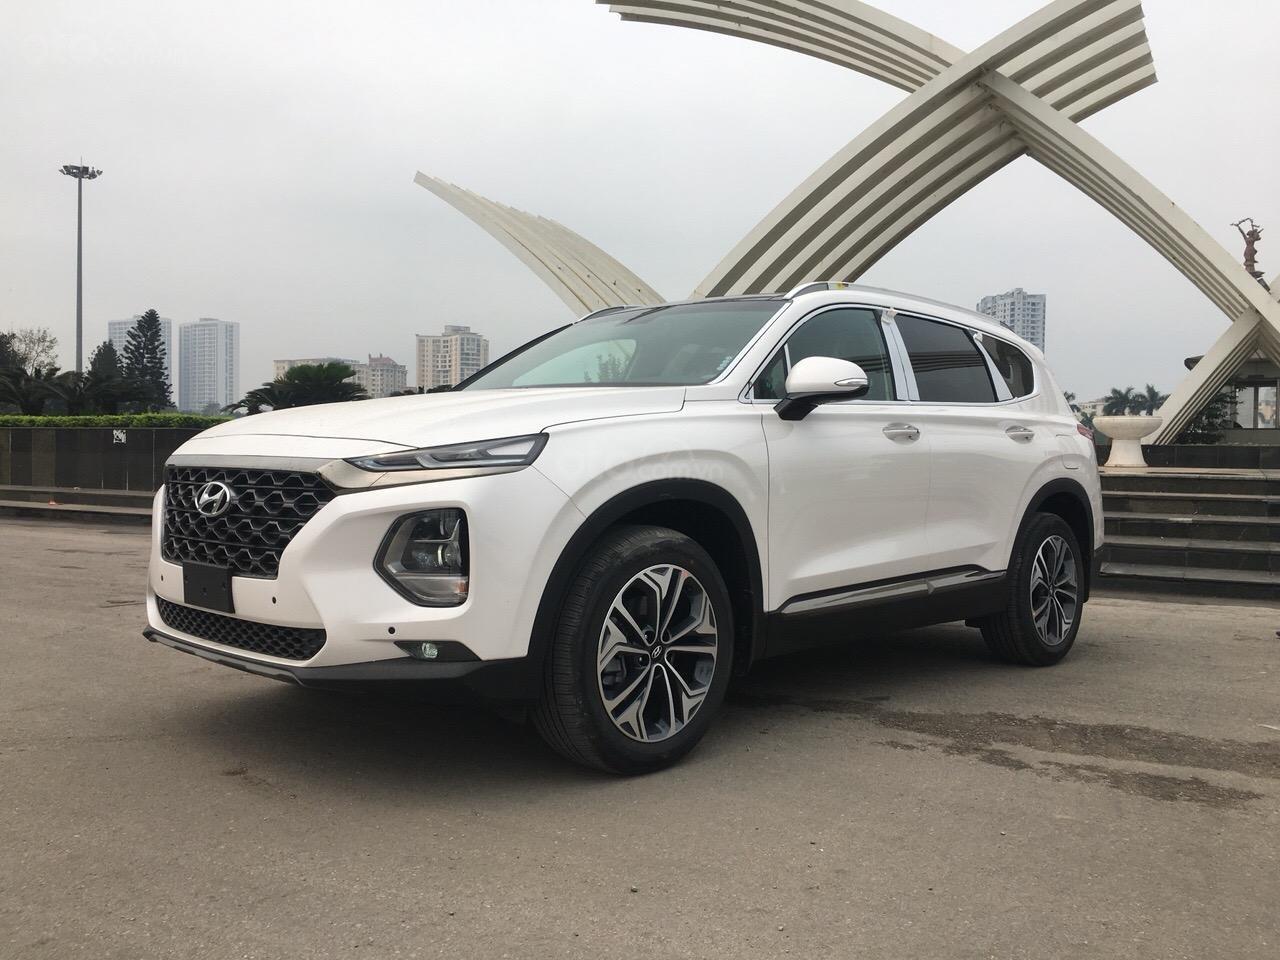 Bán Hyundai Santa Fe 2019 Premium, giá cực tốt cùng nhiều phần quà tặng hấp dẫn, sẵn xe giao ngay-2